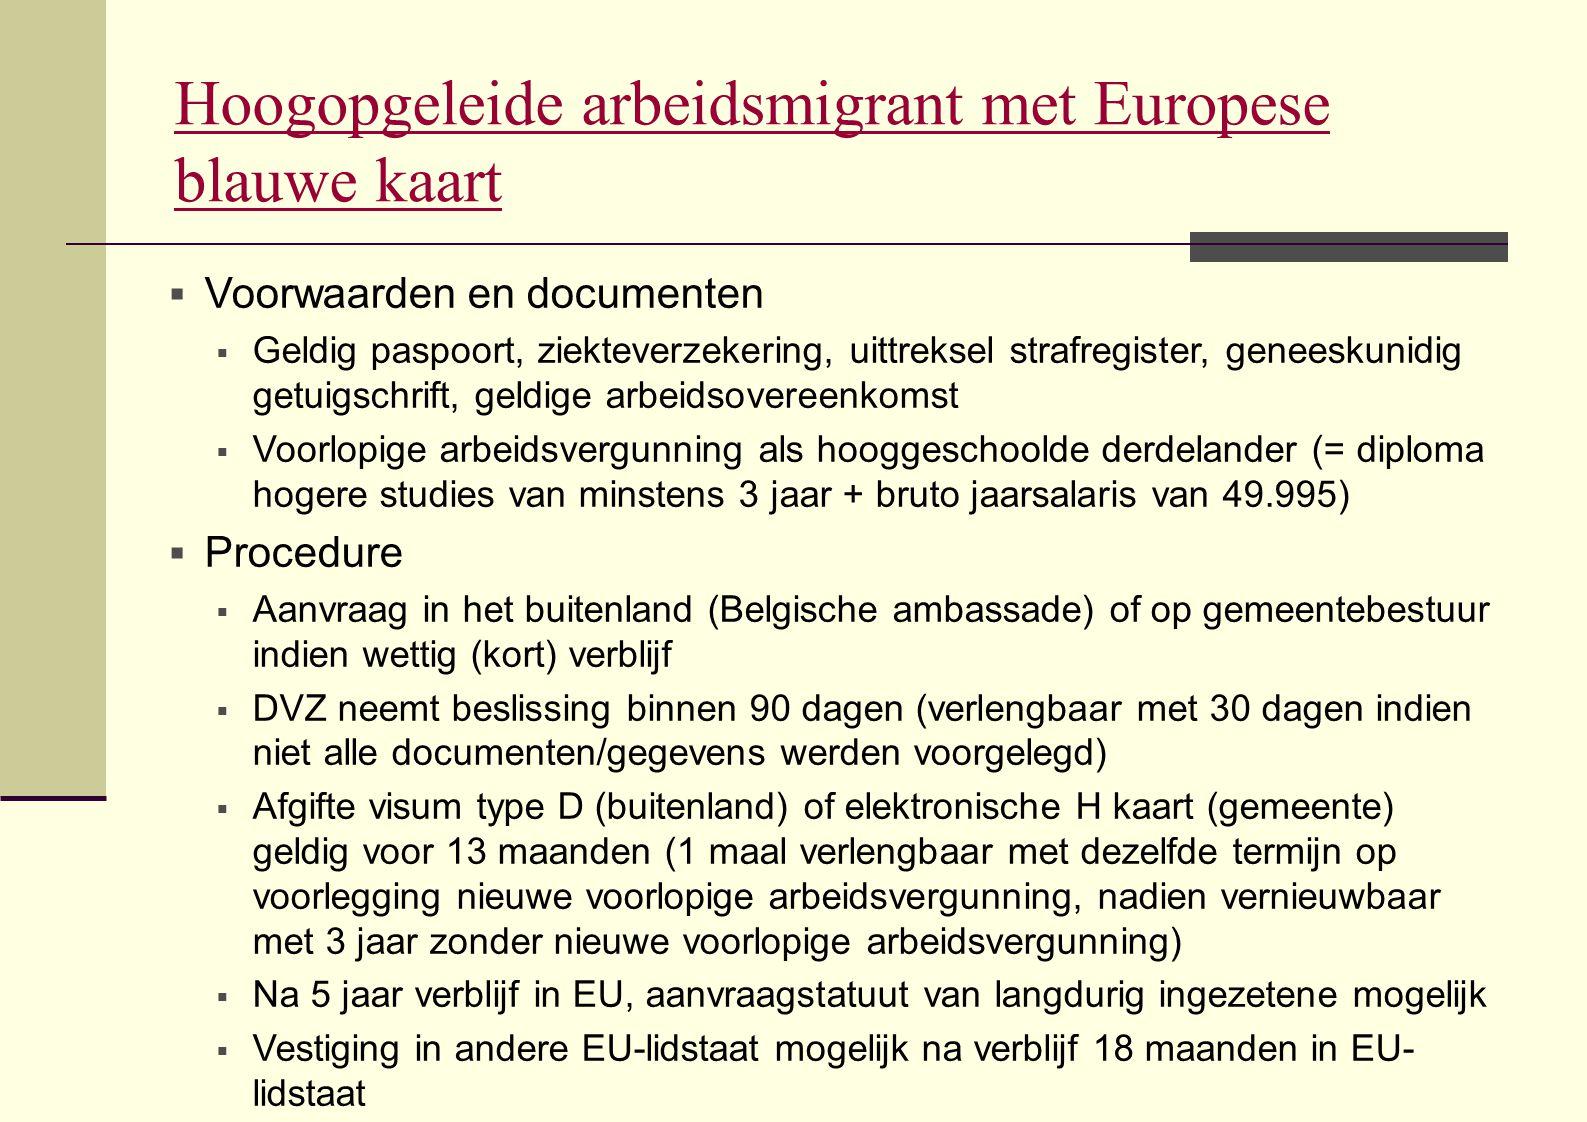 Hoogopgeleide arbeidsmigrant met Europese blauwe kaart